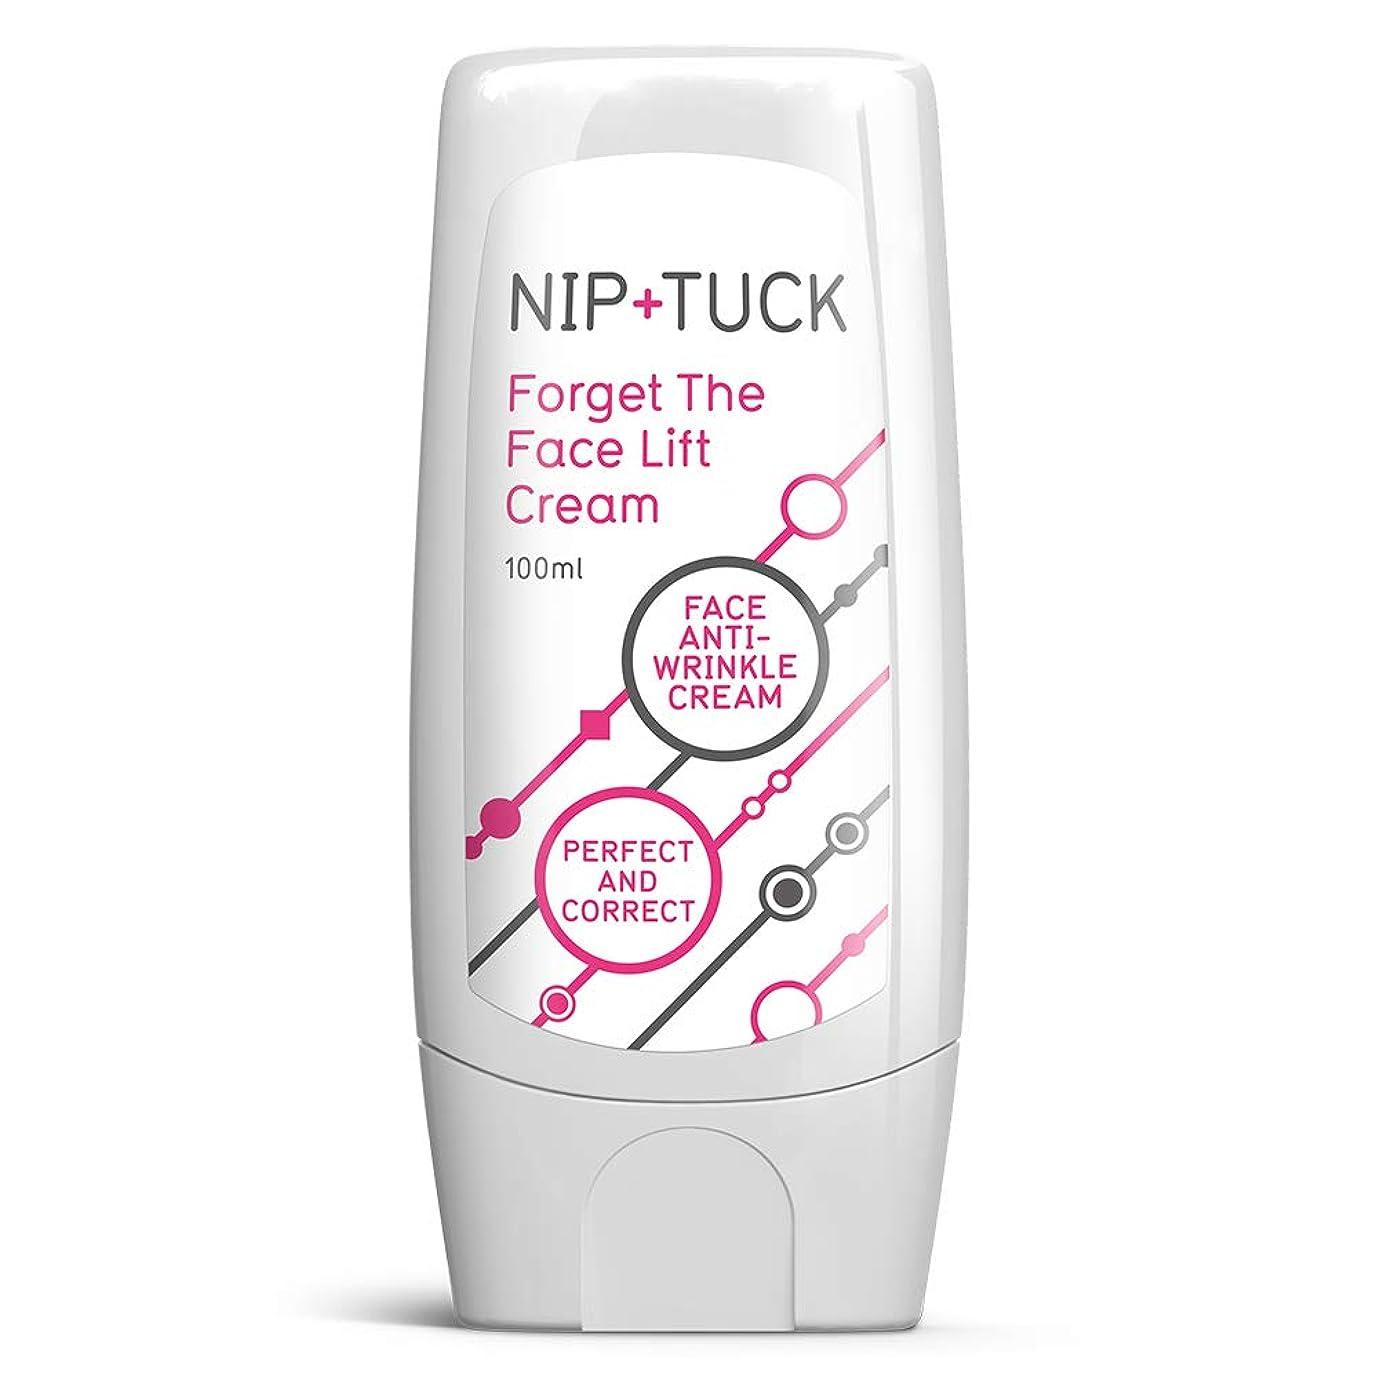 パラメータぐったり勘違いするNIP & TUCK FORGET THE FACELIFT CREAM Nippu& takku wa, anchikurinkufeisu& anchirinkurukurīmufāmu& 若く見える肌を